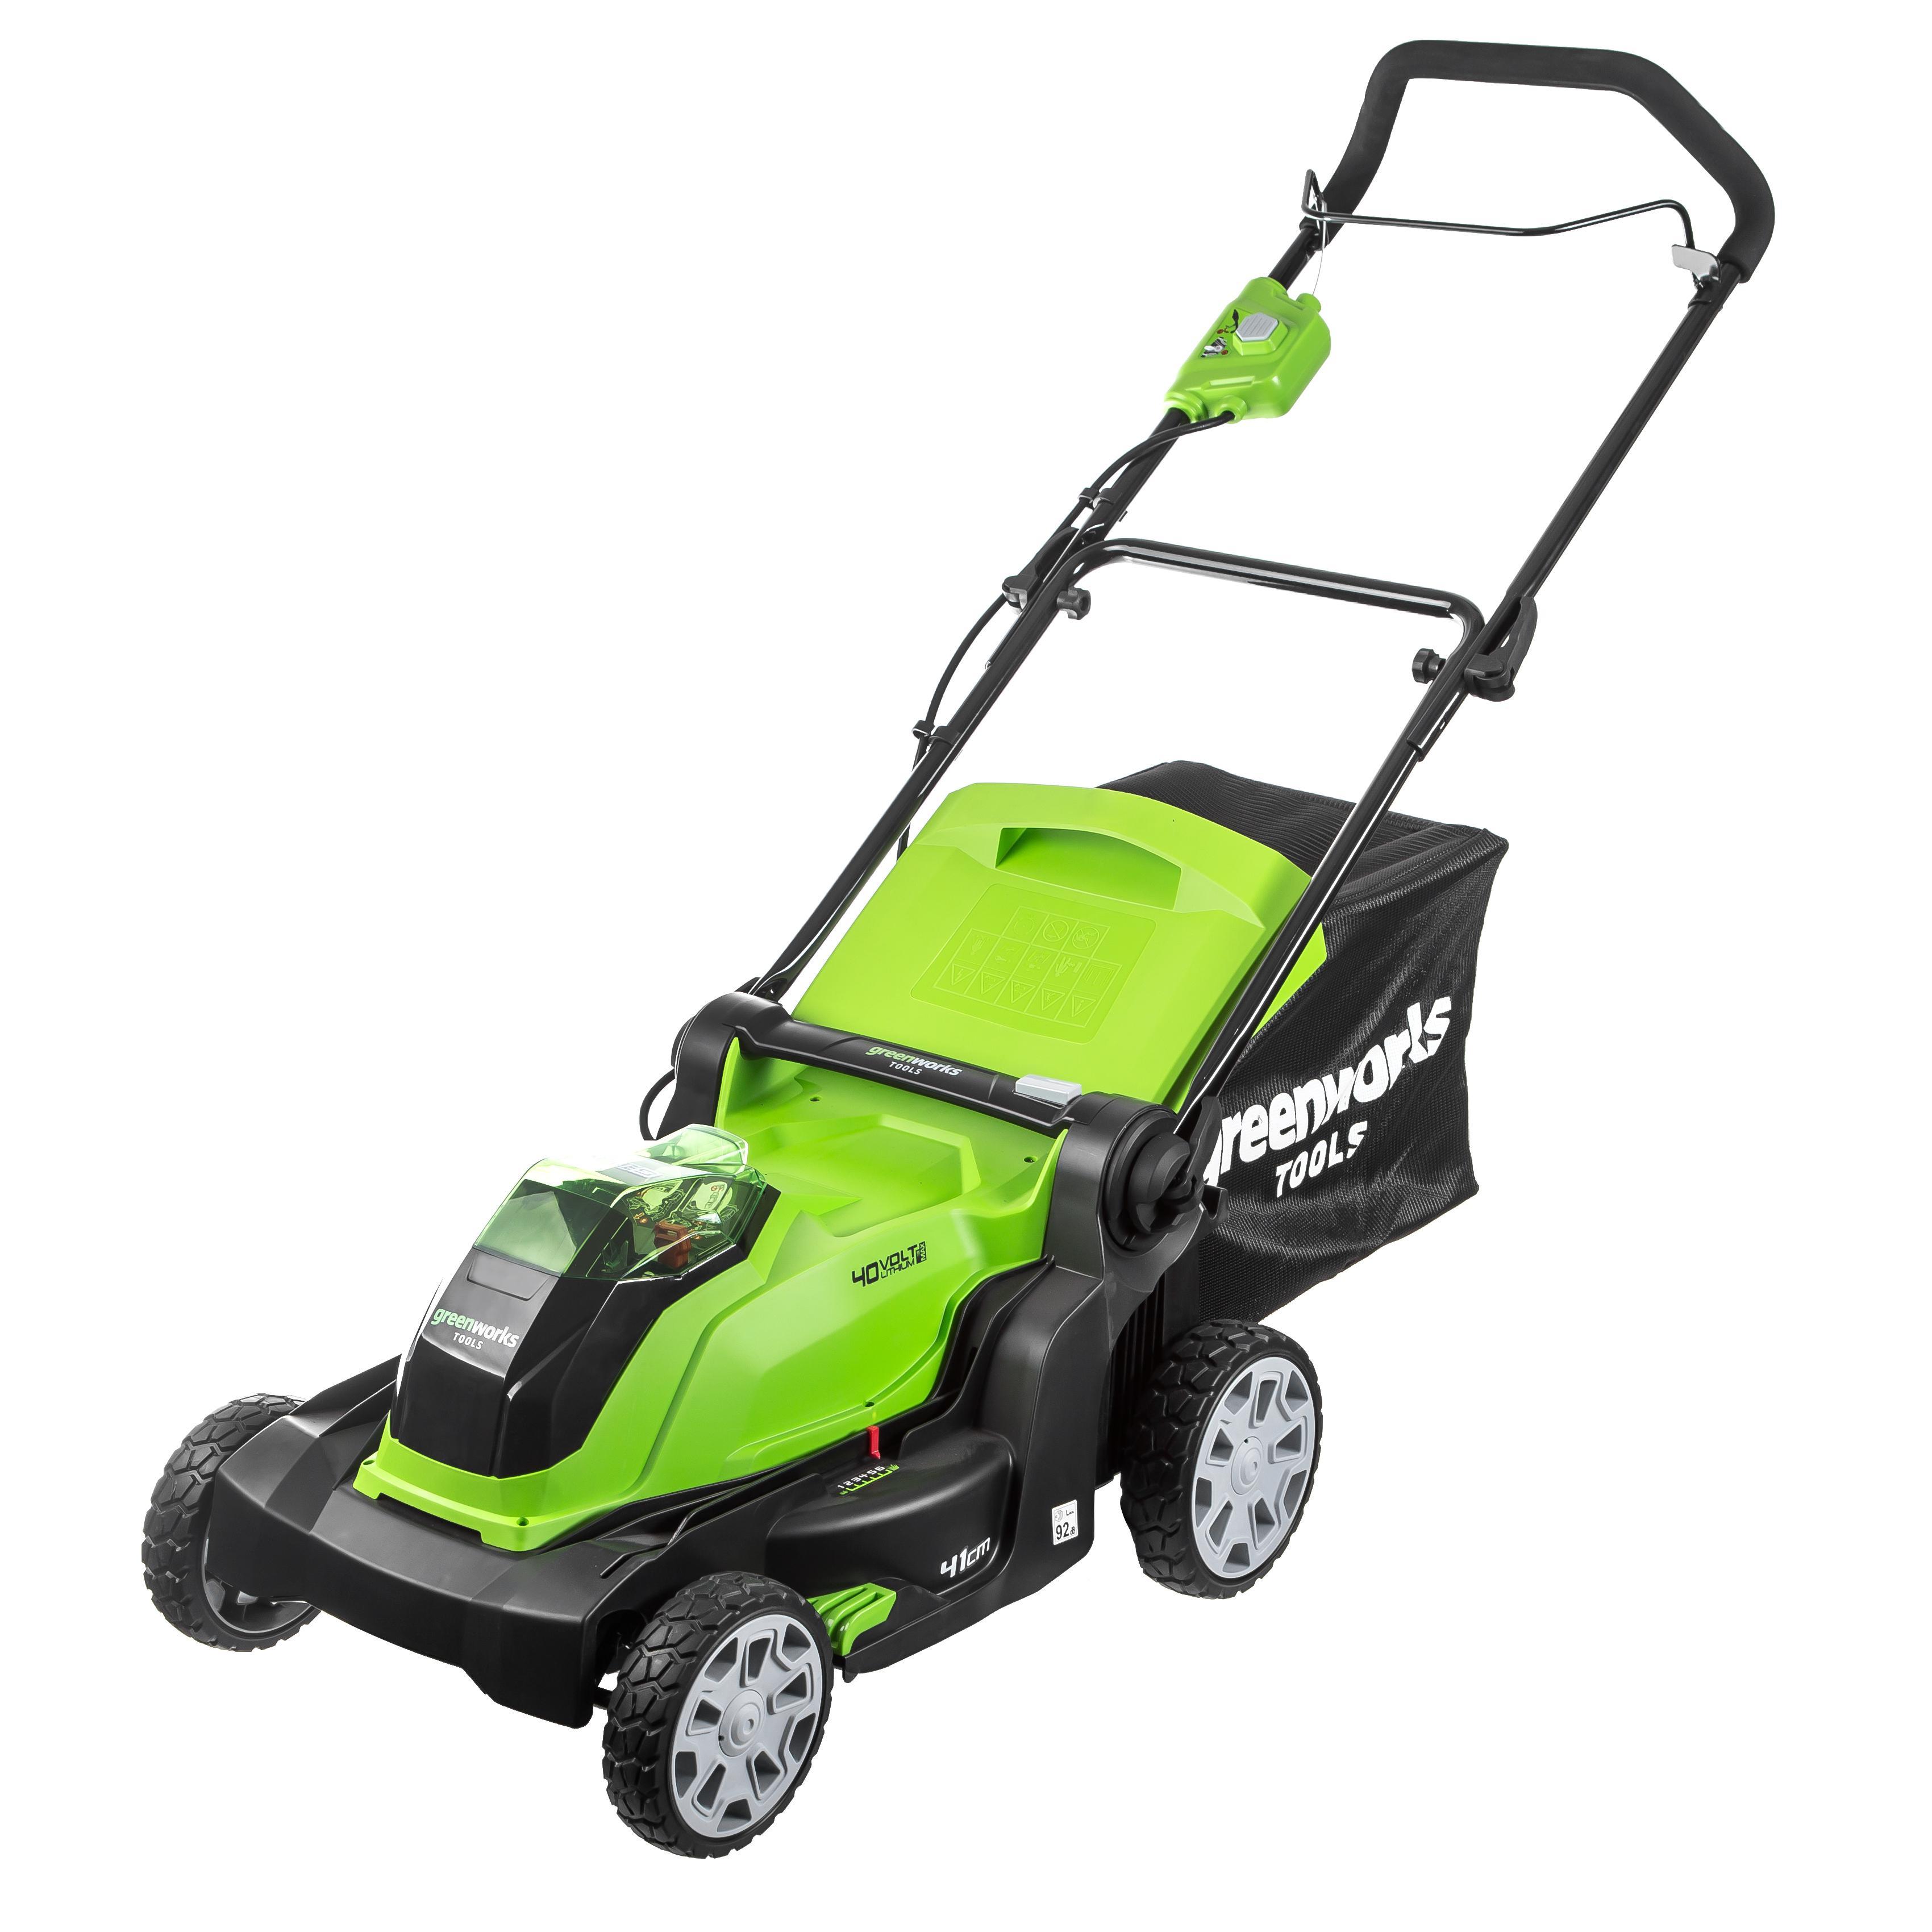 Аккумуляторная газонокосилка Greenworks G40lm40 (2504707vb) 1акк 40В 4Ач + ЗУ